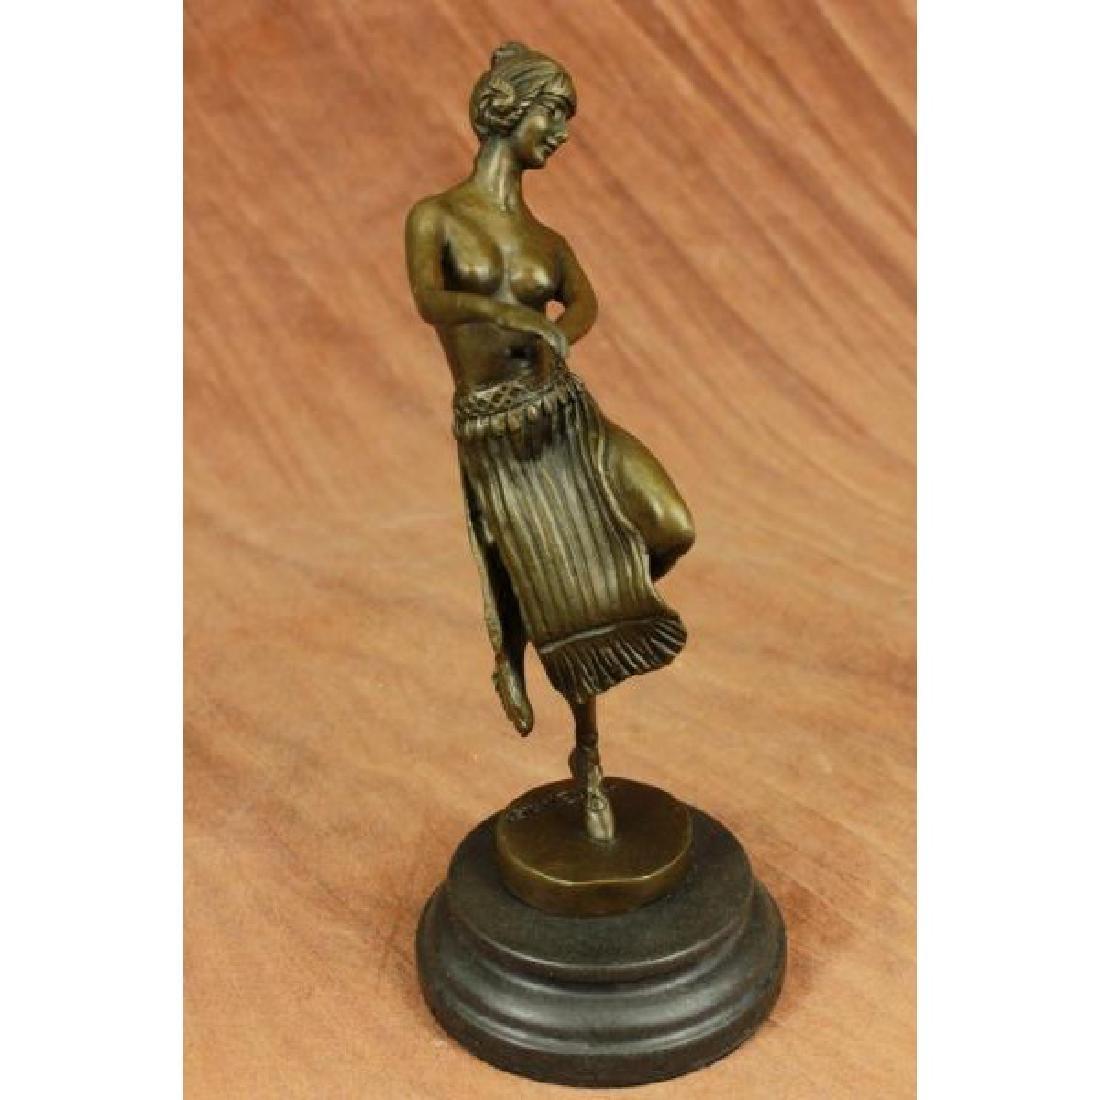 Art Deco Dancer by Eichler Bronze Sculpture Statue